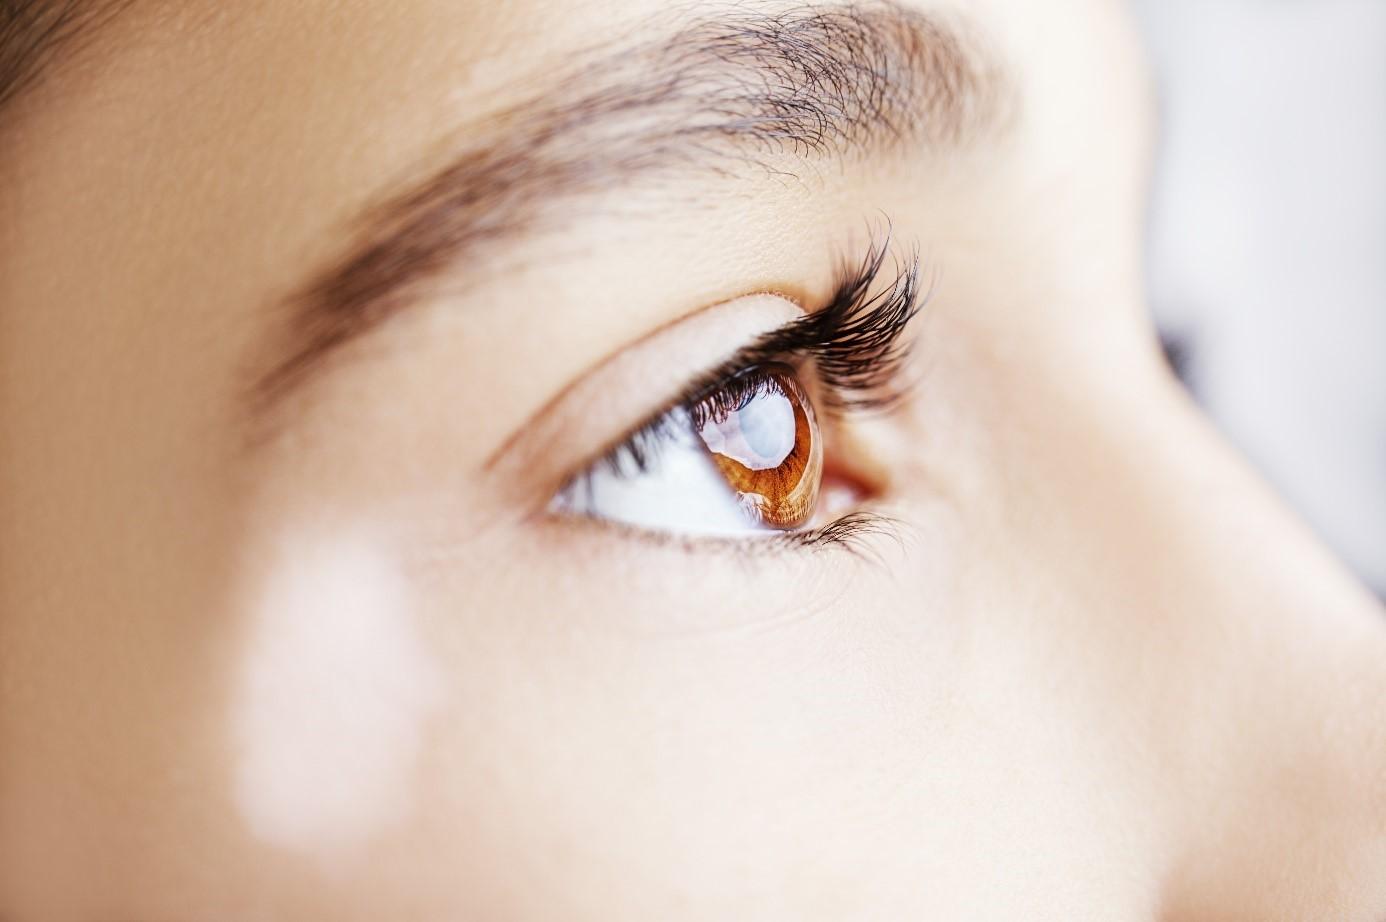 Latanoprosta Melhora a Pigmentação da Área dos Olhos com Vitiligo